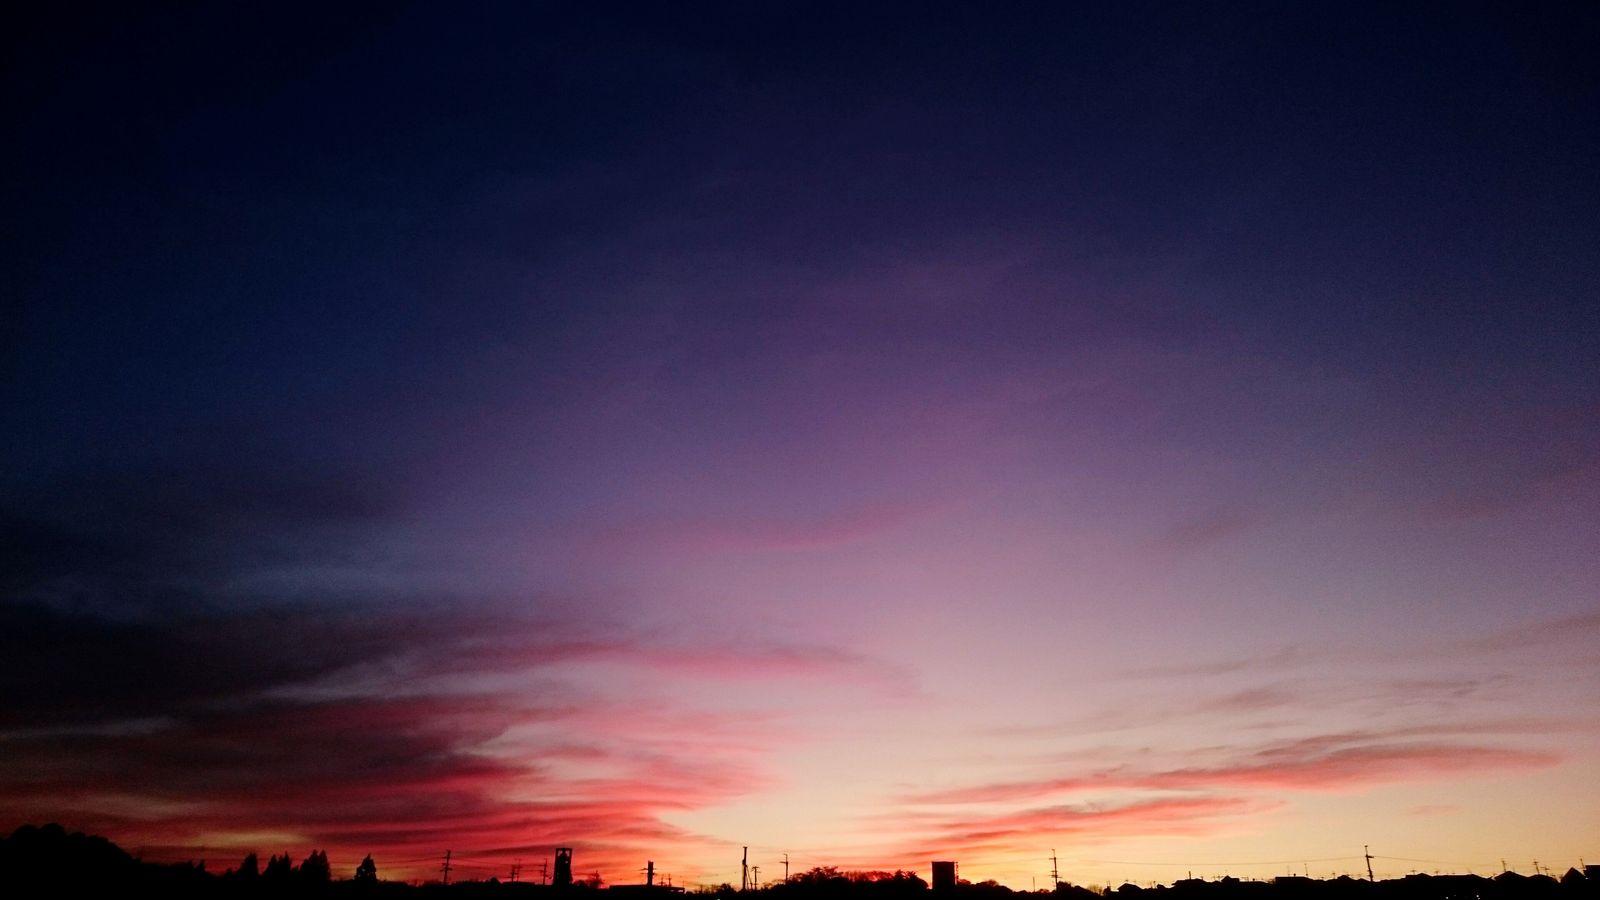 夕焼け。 Sony Xperia Z3 自然 冬 冬空 太陽 夕陽 ゆうひーず ゆうやけこやけ部 ゆうひ 夕焼けこやけ ゆうやけ